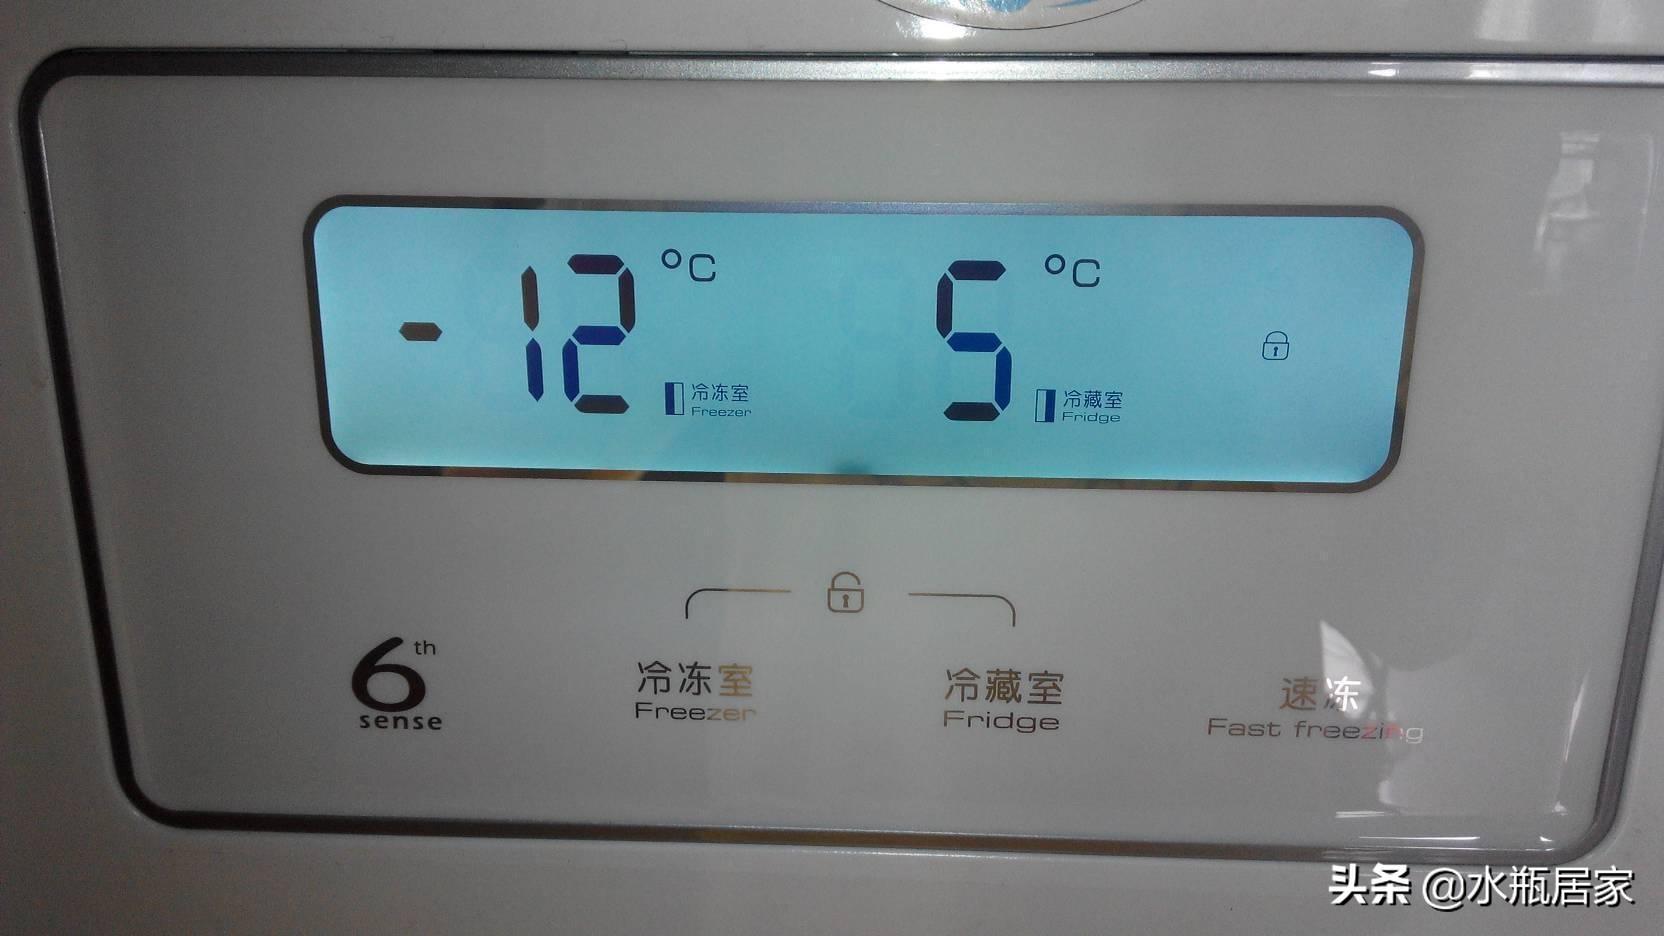 冷藏室温度多少合适?我家冰箱一直是5℃,用得挺好